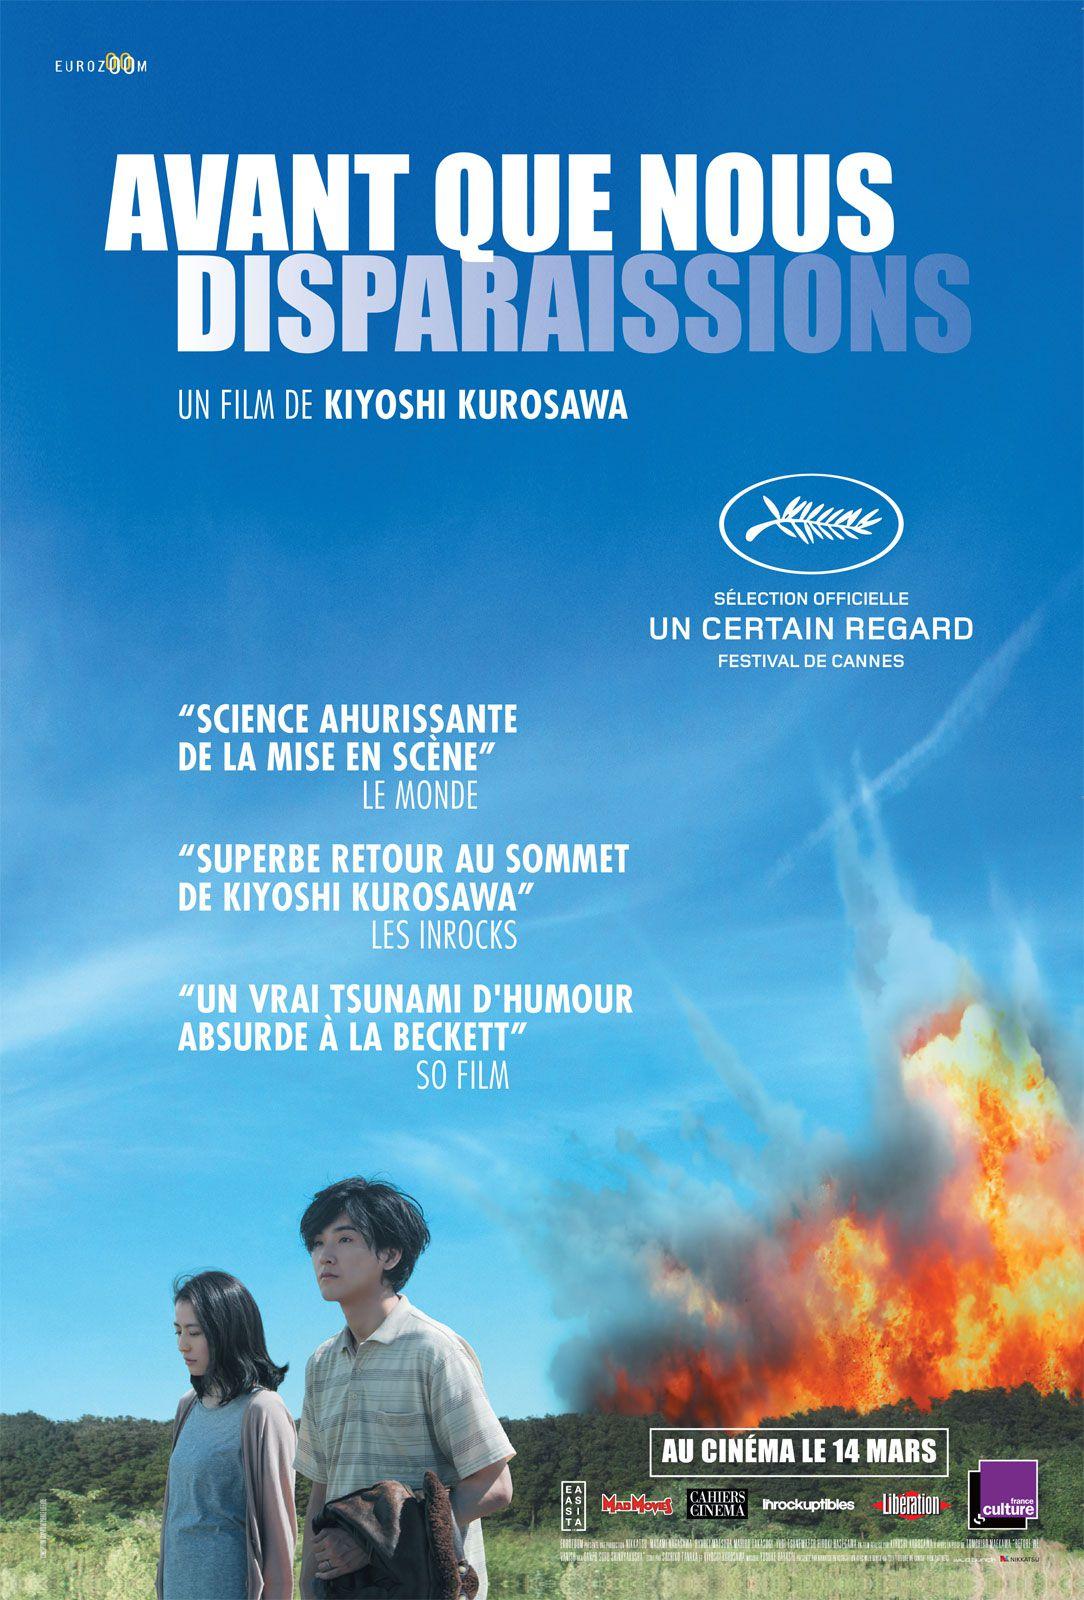 Avant que nous disparaissions - Film (2018)